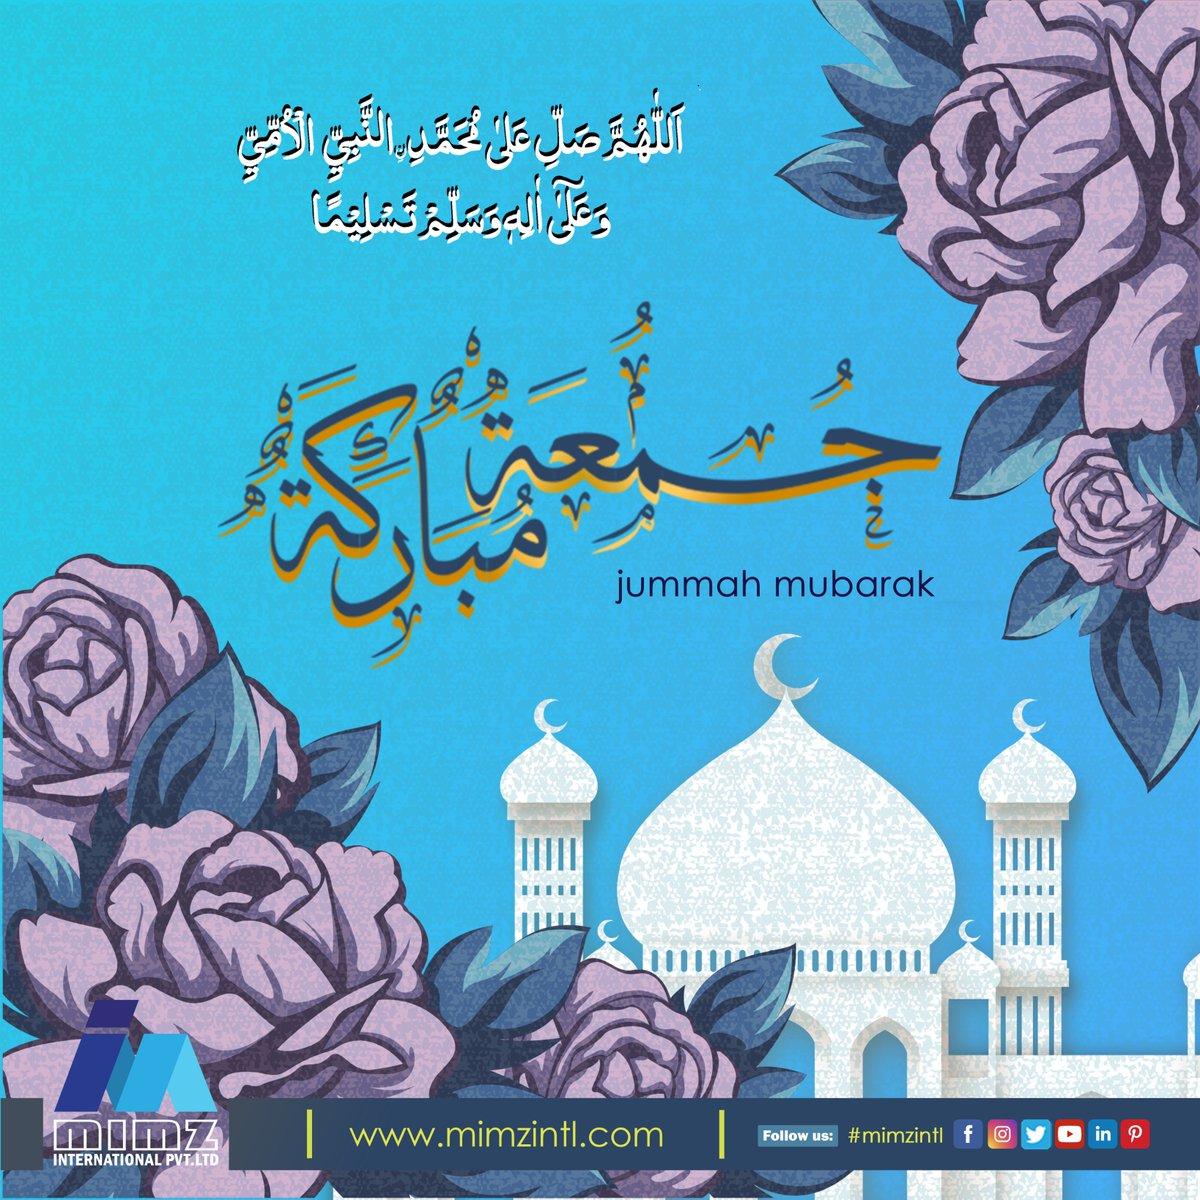 JUMMAH MUBARAK MIMZ International Your own marketing depart  http://mimzintl.com   #jummahmubarak #jummahblessings #jeddah #merchandising #marketing #jeddahmarketing #ksa #atl #btl #mimzintl #Brandactivation #Socialmanagement #Eventmanagement #fmcgpic.twitter.com/rq3Rr6ouKS